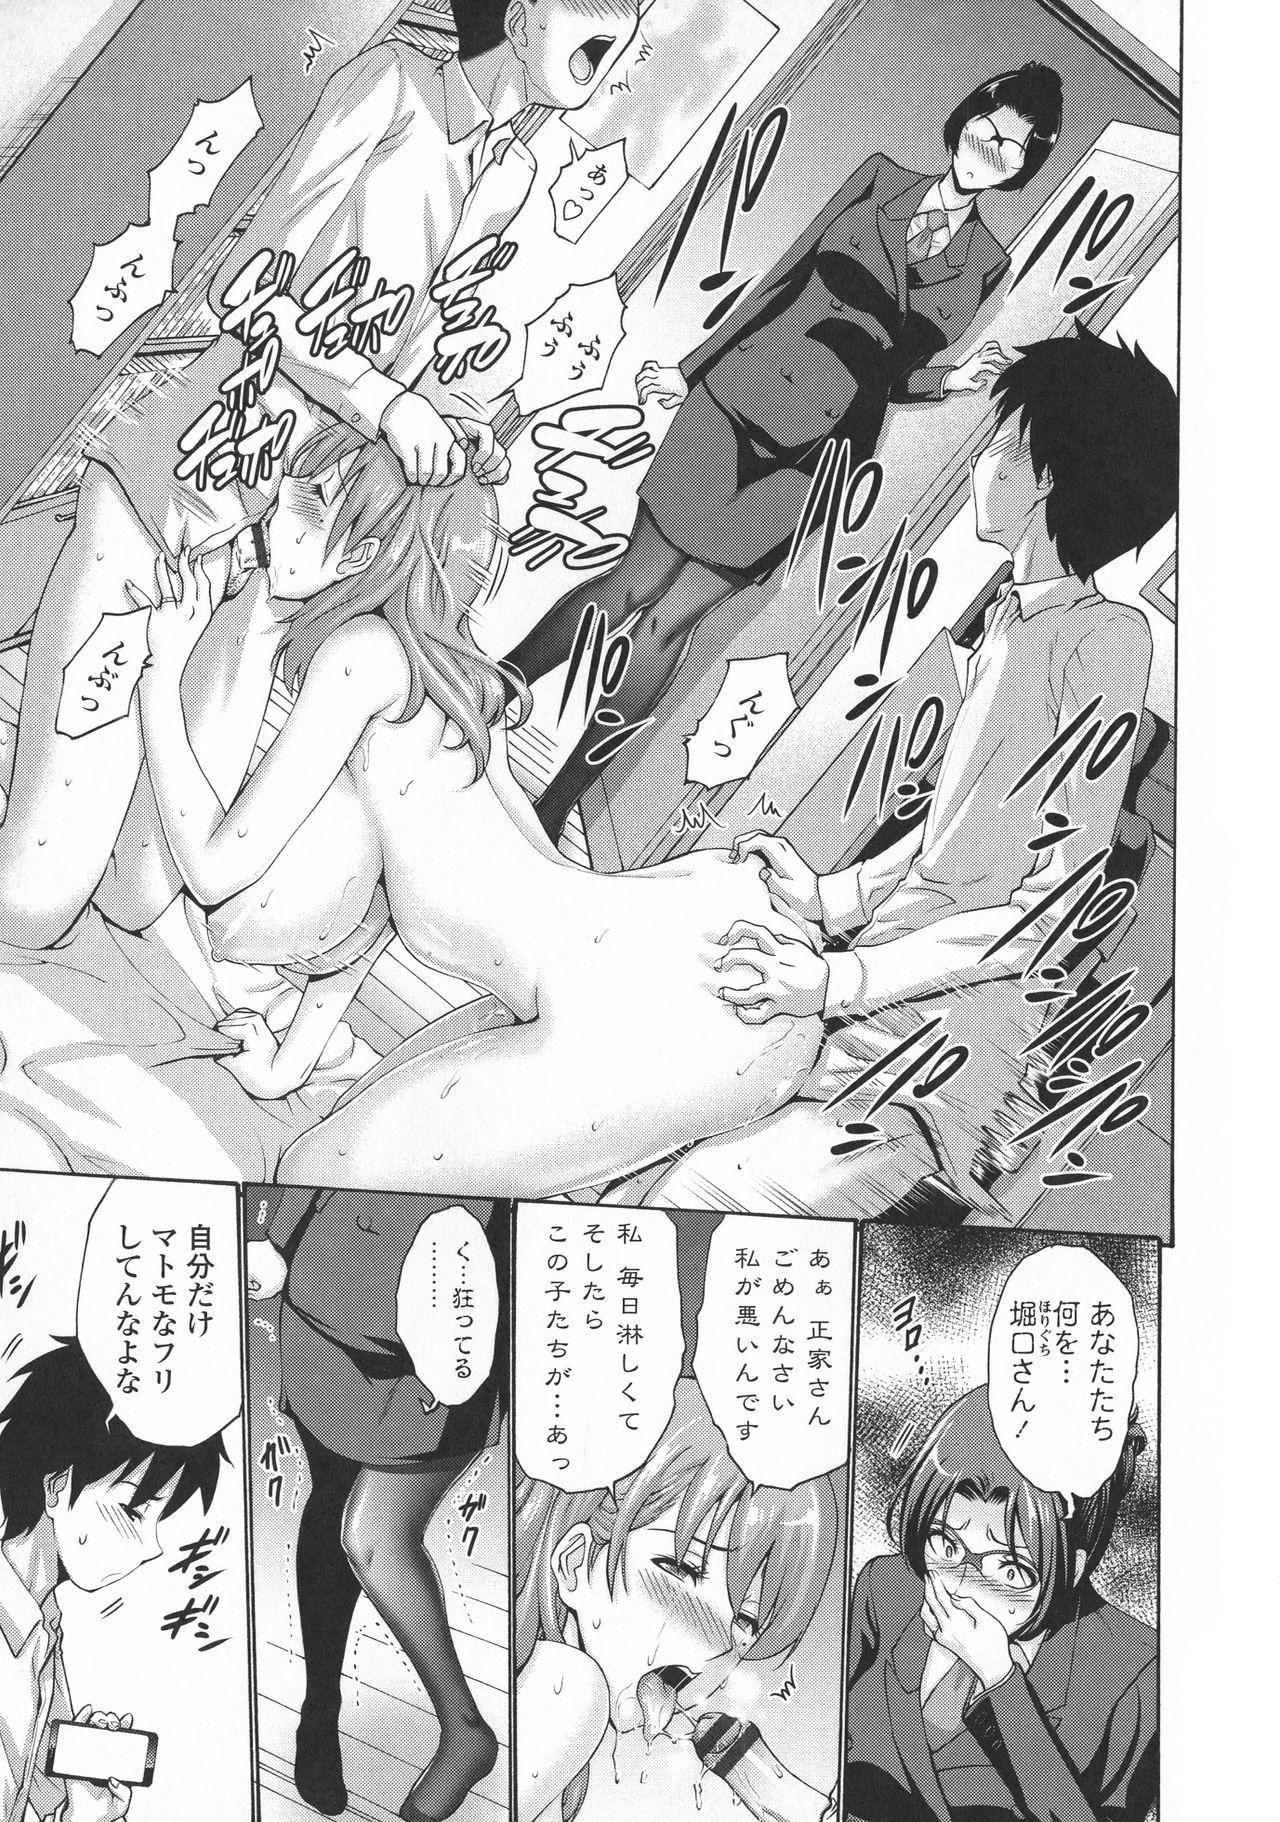 Tomodachi no Haha wa Boku no Mono - His Mother is My Love Hole 54